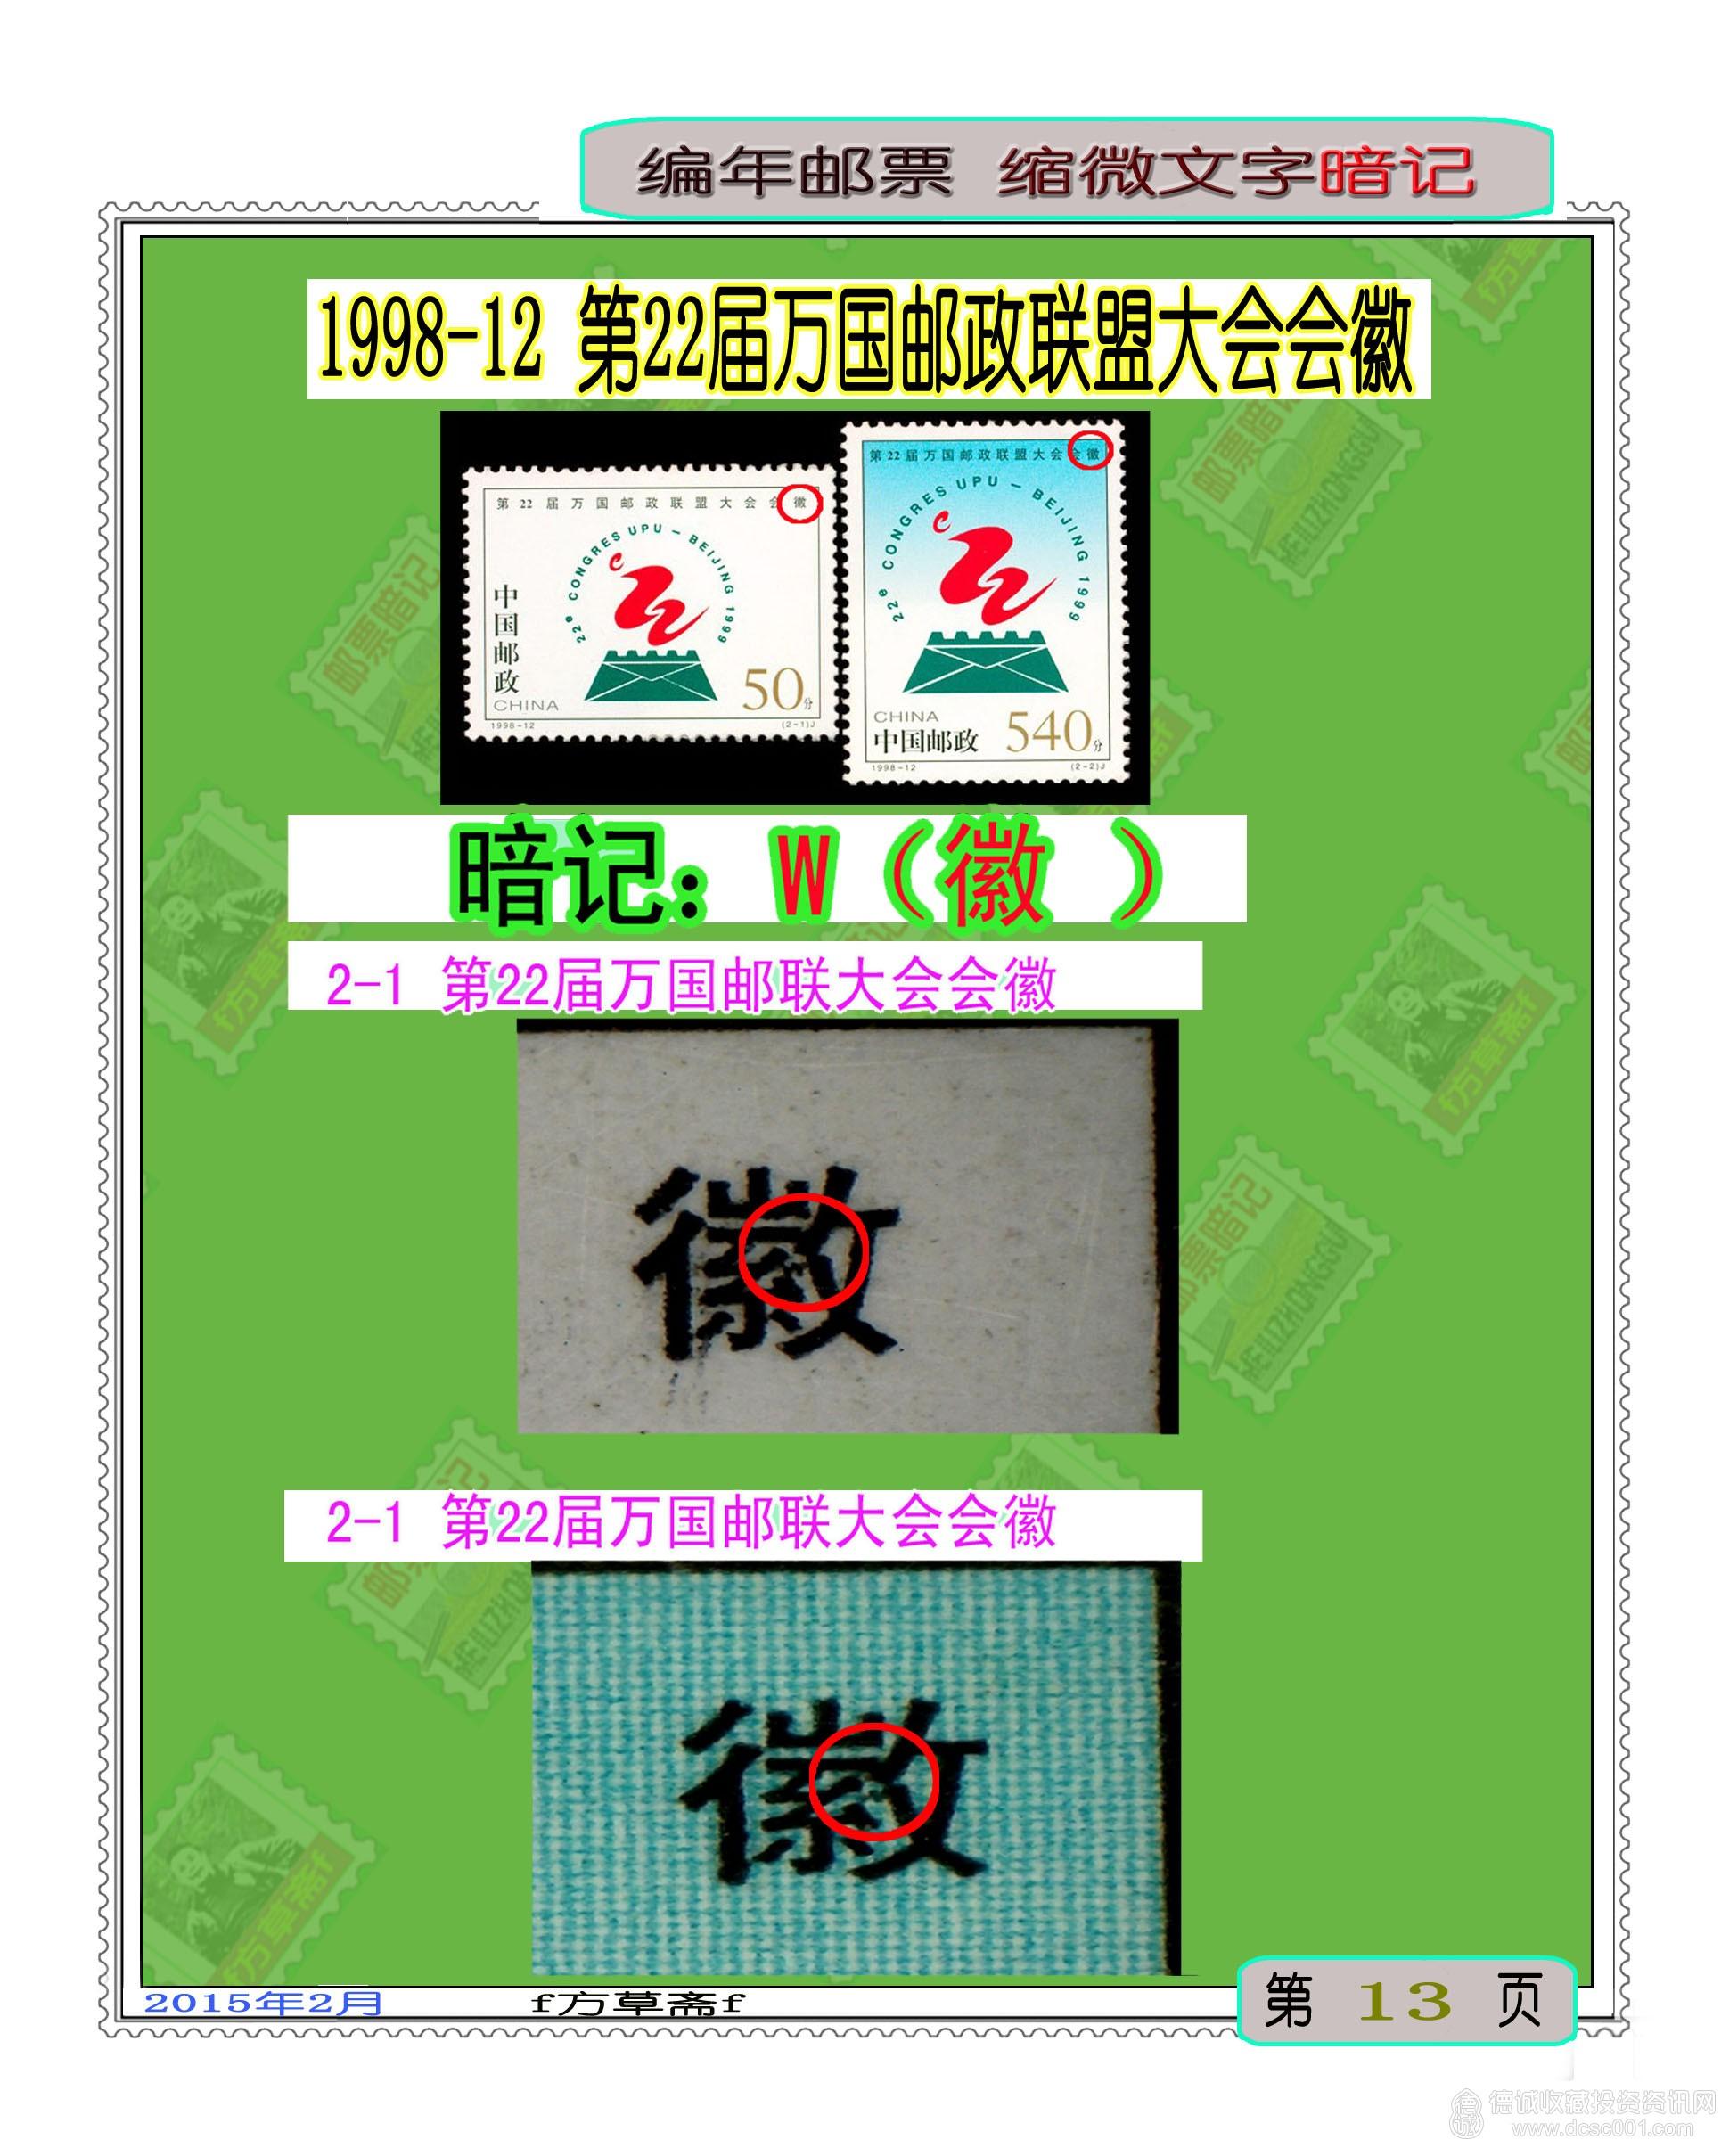 1998-12 第22届万国邮政联盟大会会徽(J).jpg